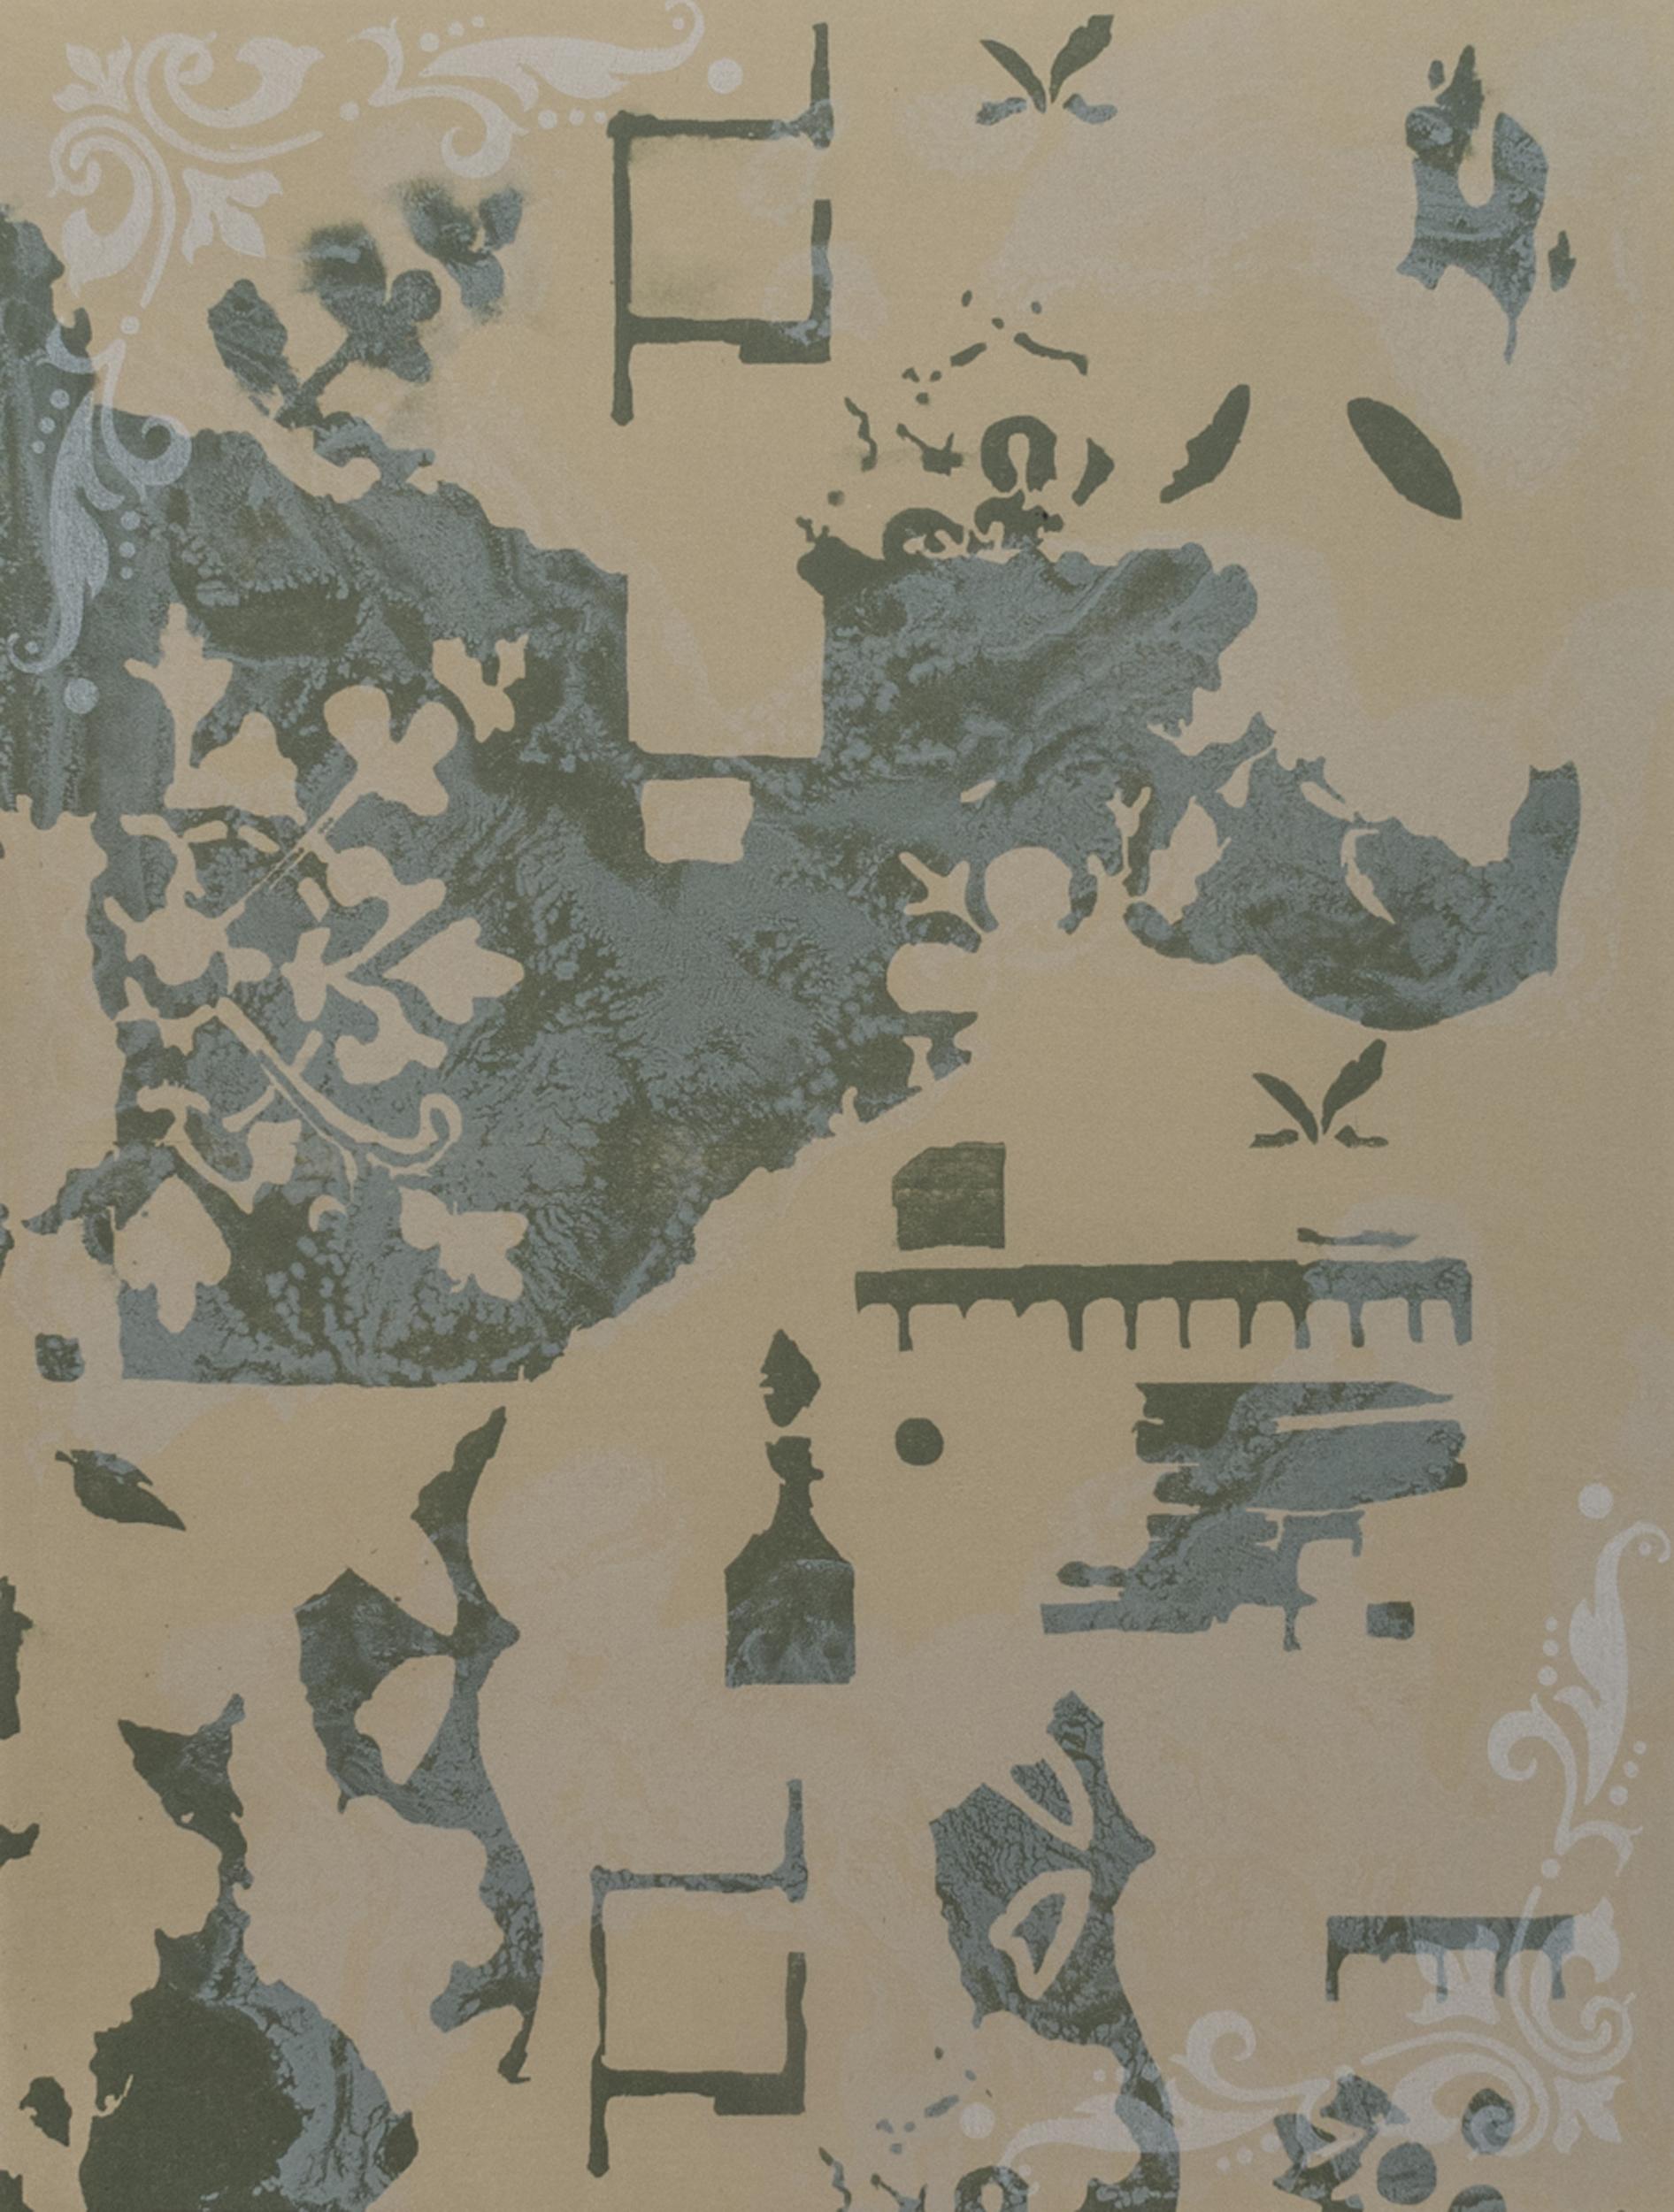 Megan Anderson, Maps